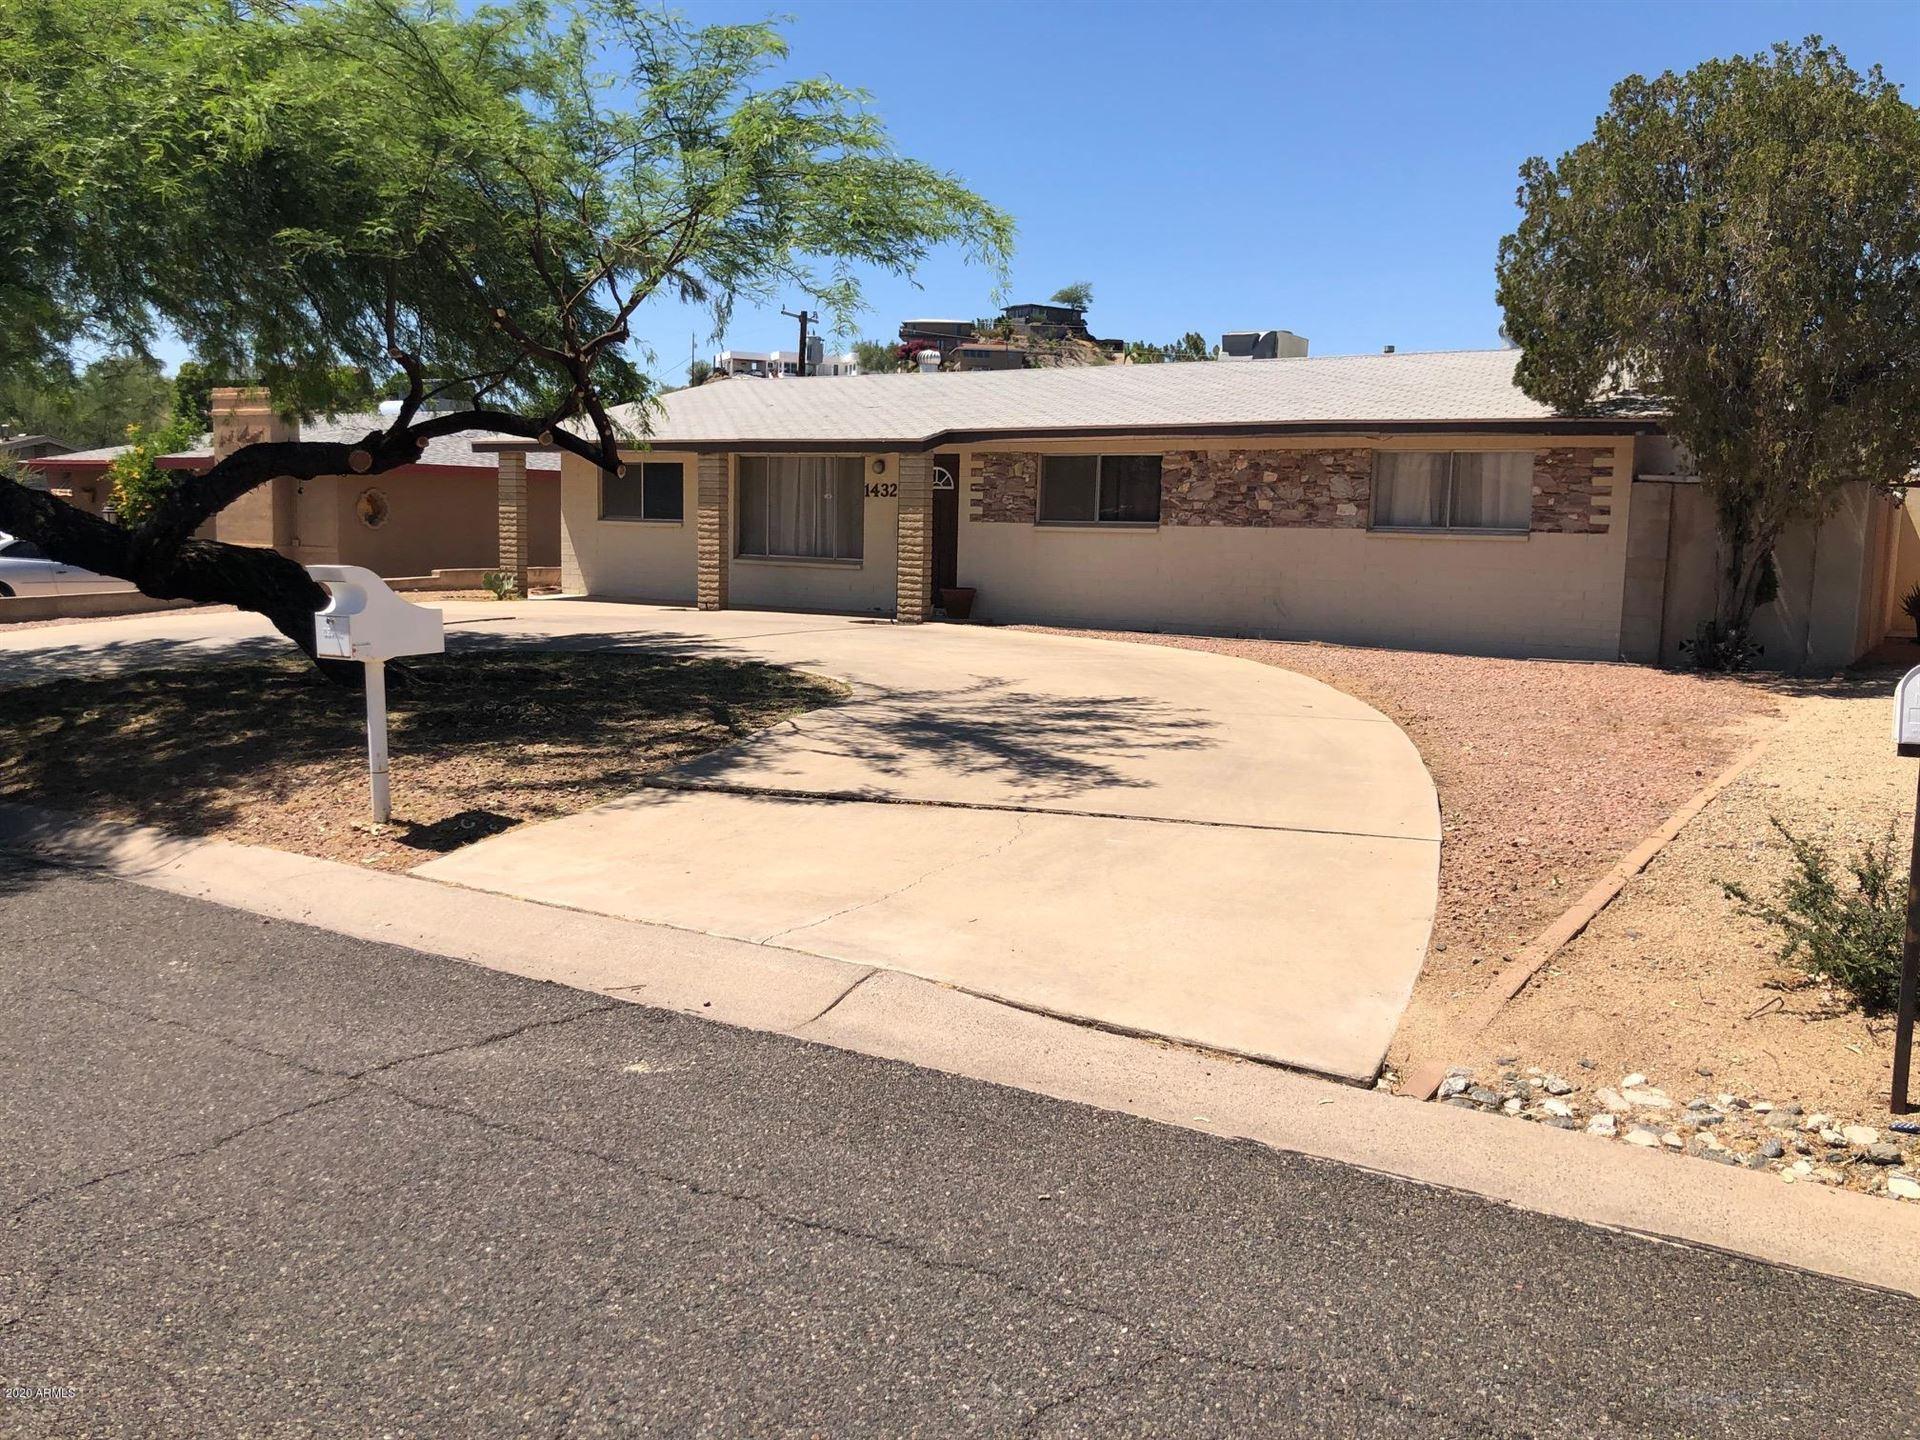 1432 E GRISWOLD Road, Phoenix, AZ 85020 - MLS#: 6092869